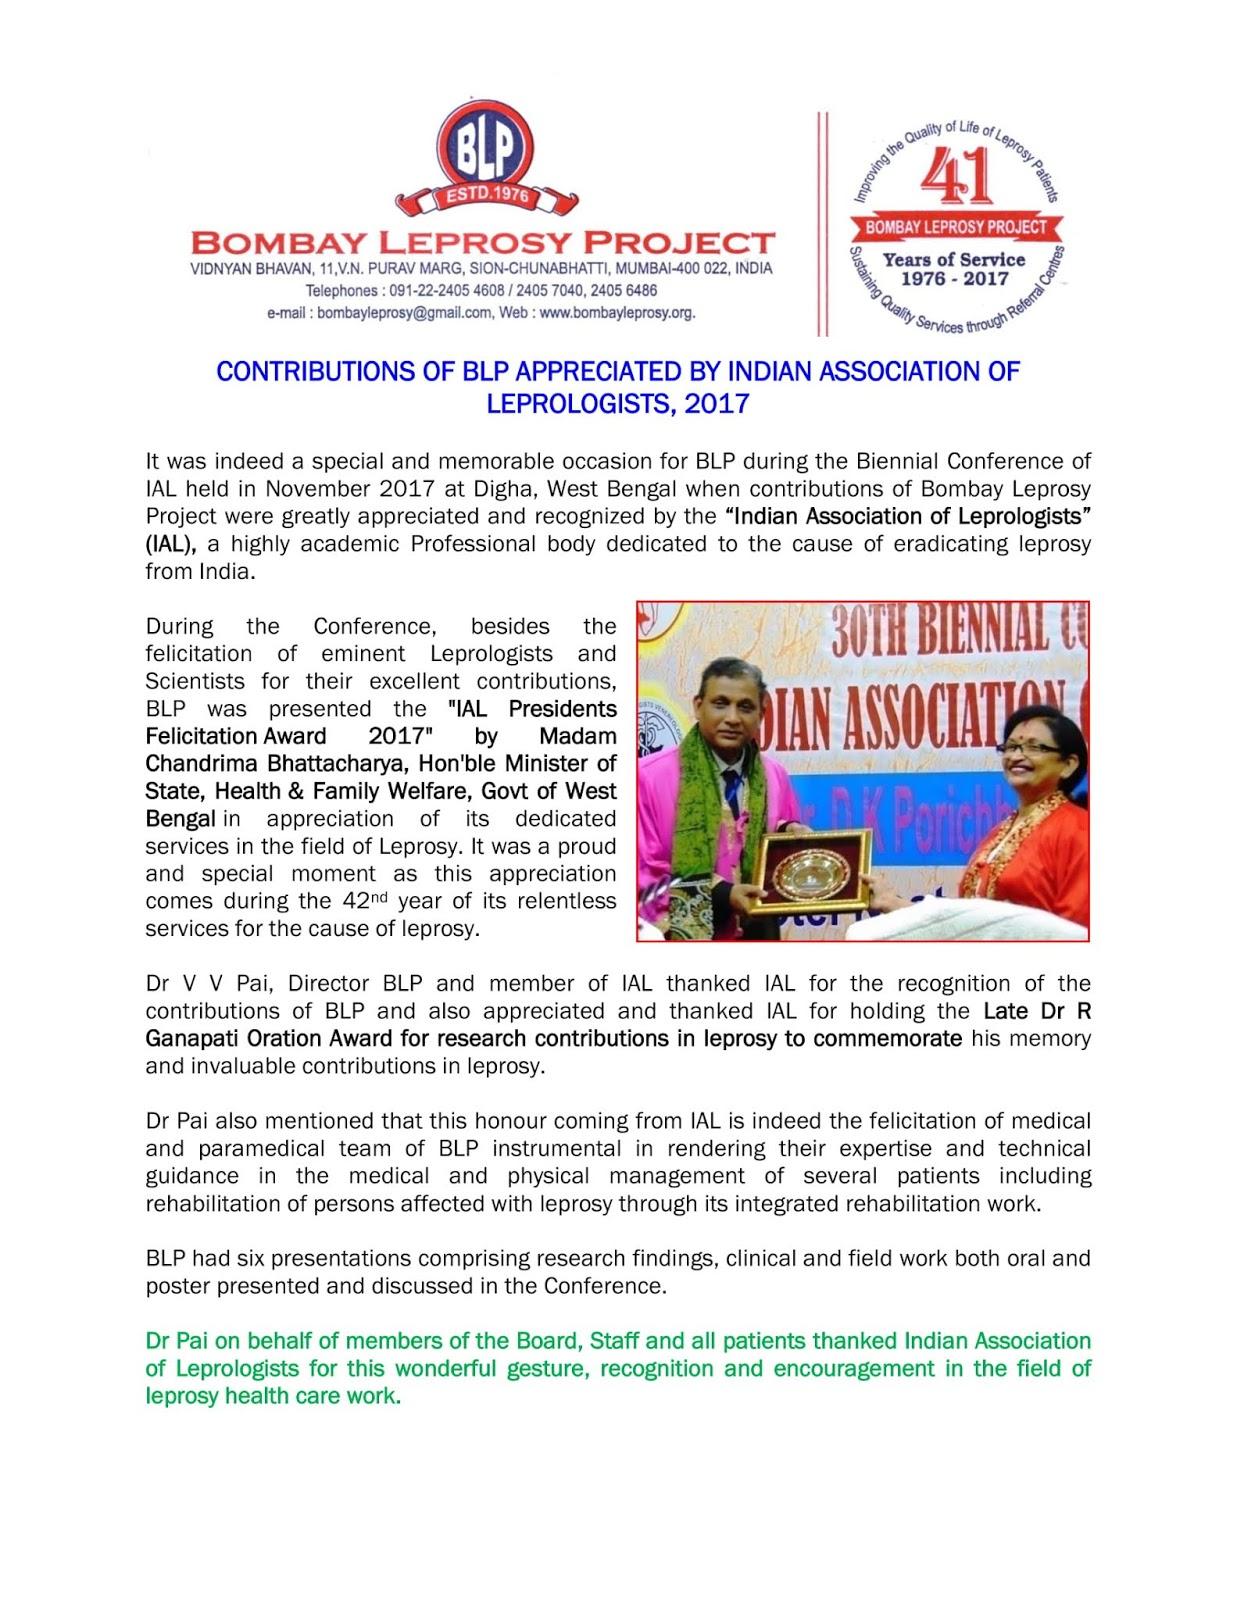 BLP News | Bombay Leprosy Project